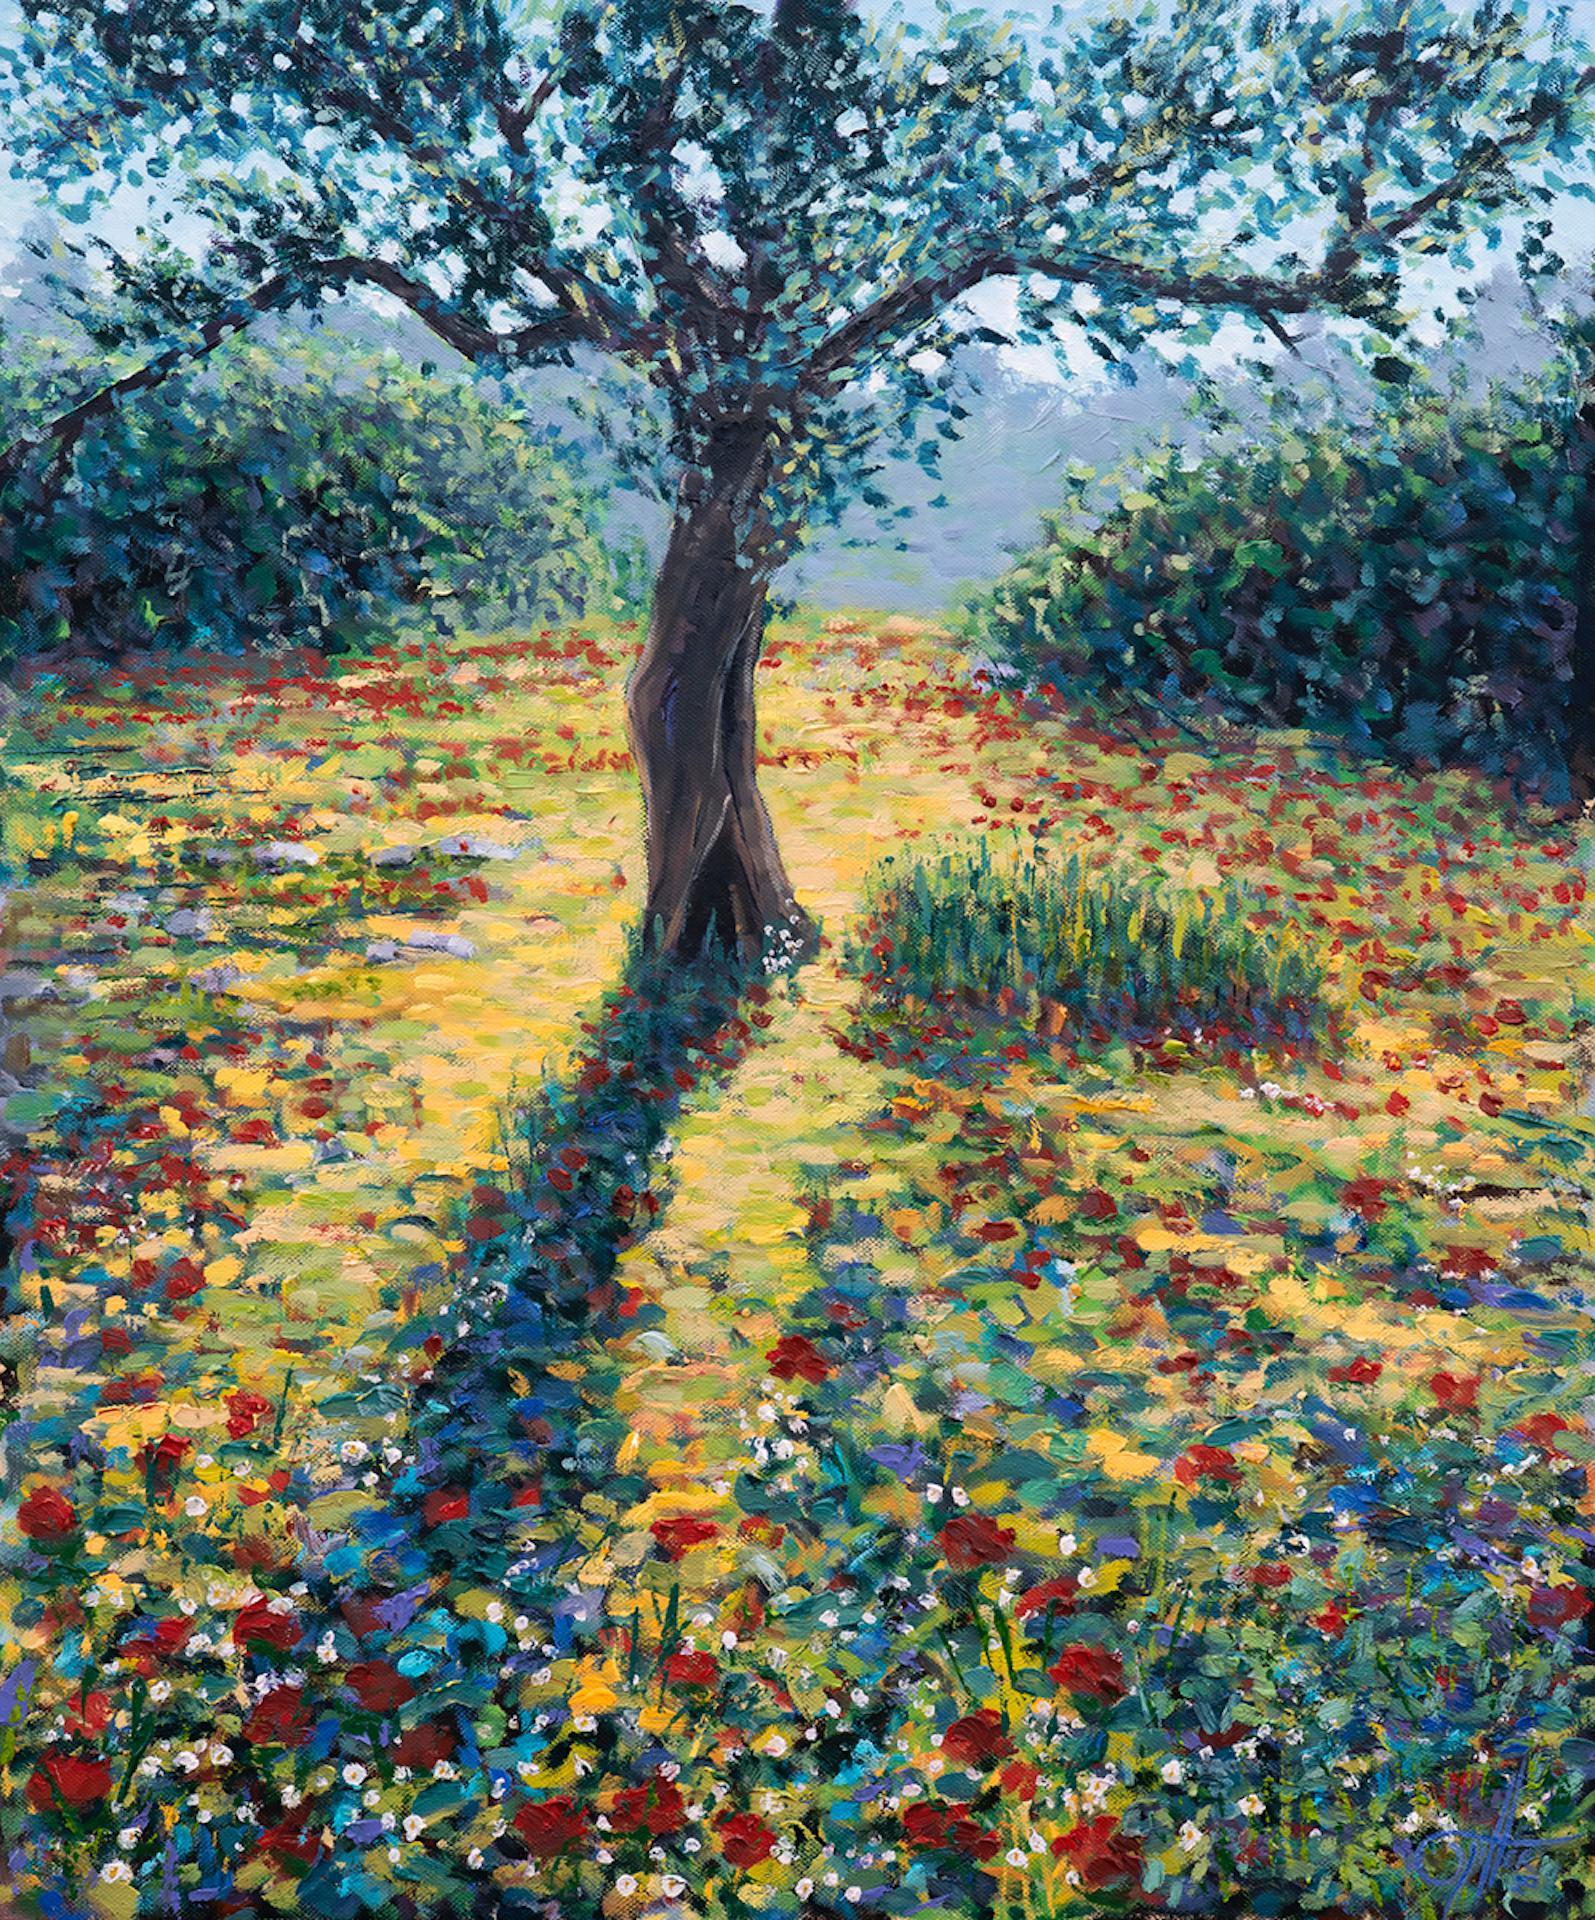 Lee Tiller, Meet Me on the Other Side, Original Impressionist Landscape Painting